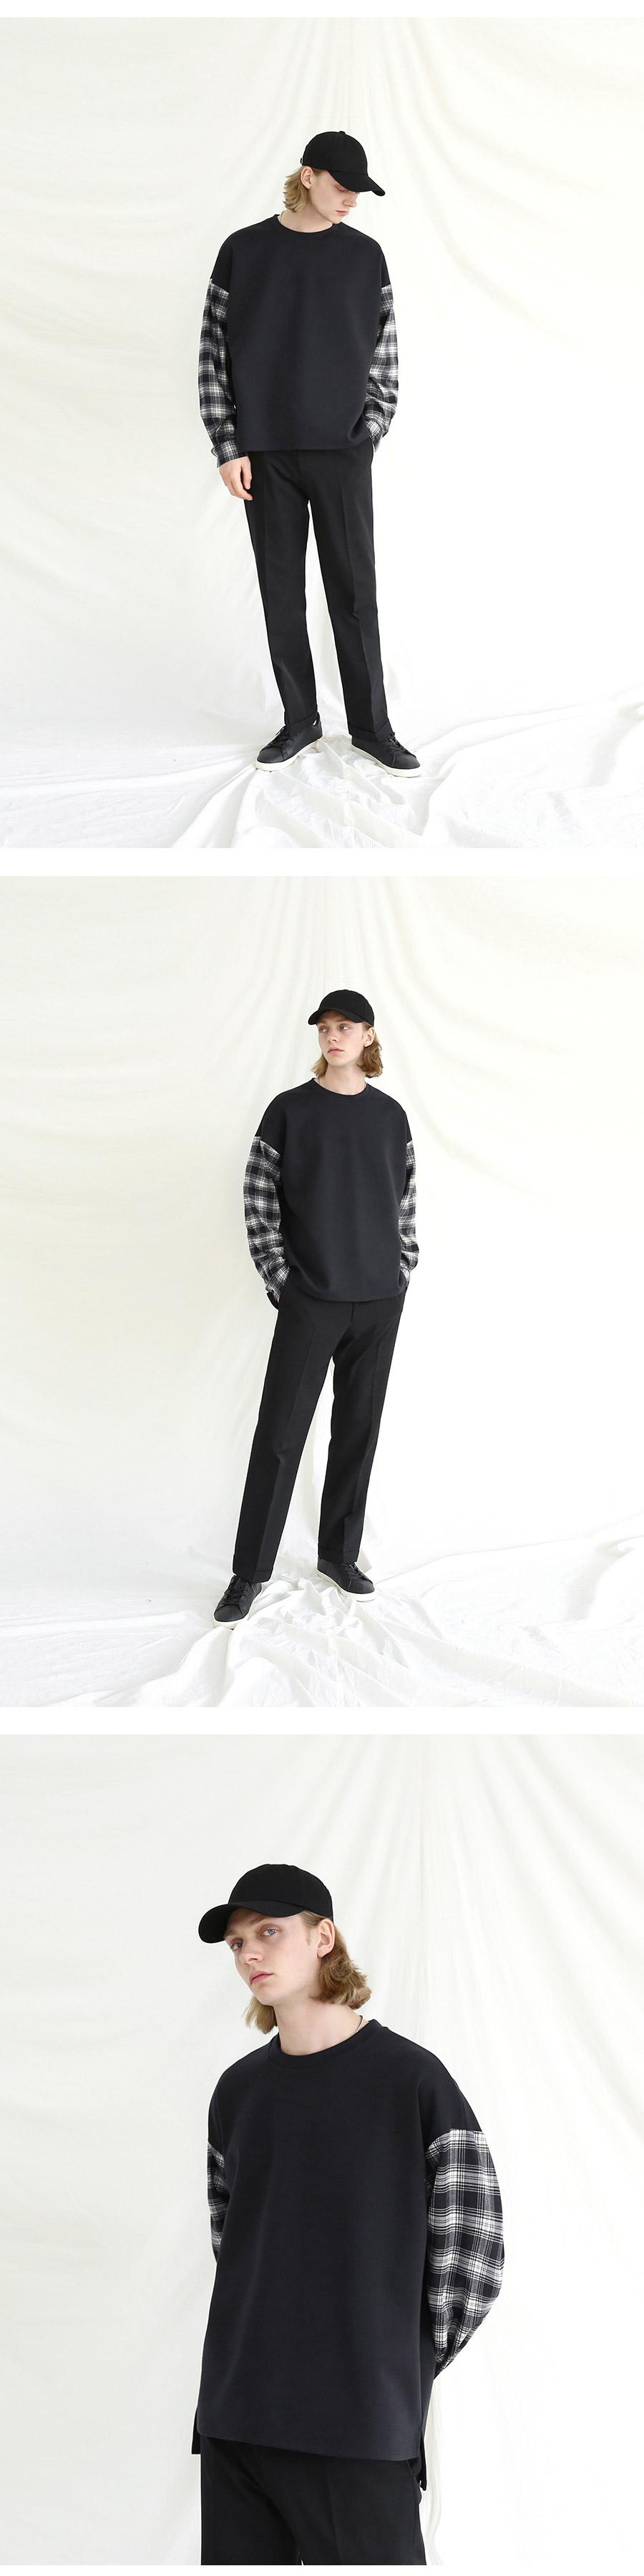 텐블레이드(TENBLADE) 오버핏 체크셔츠 레이어드 맨투맨_블랙